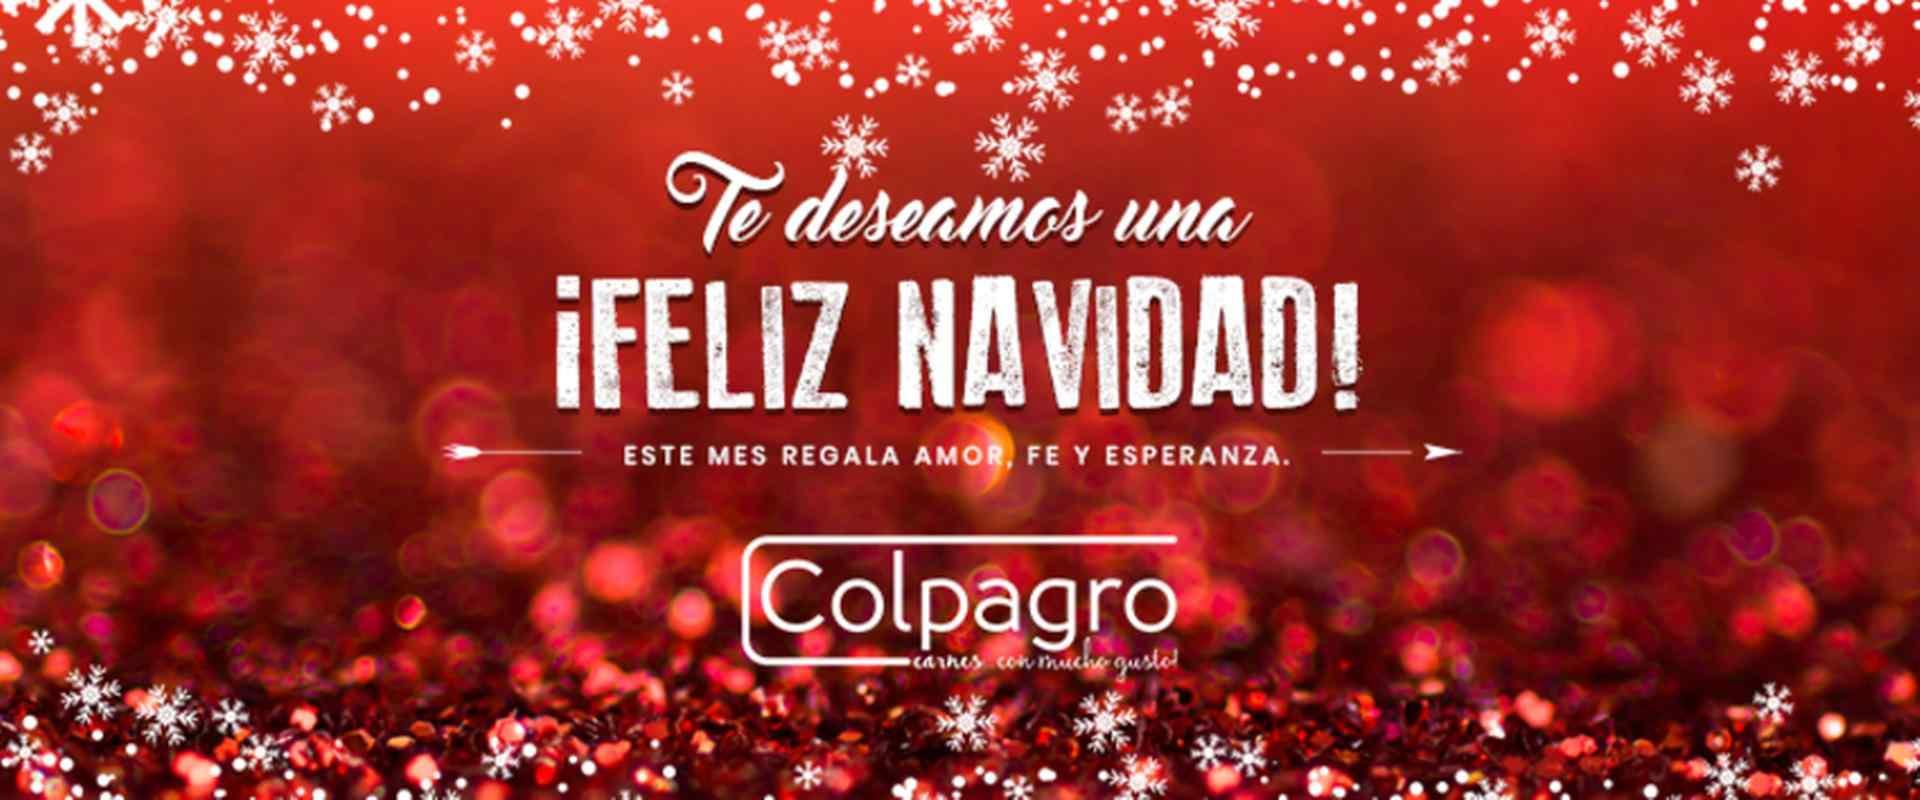 Banner Feliz Navidad Colpagro 2018